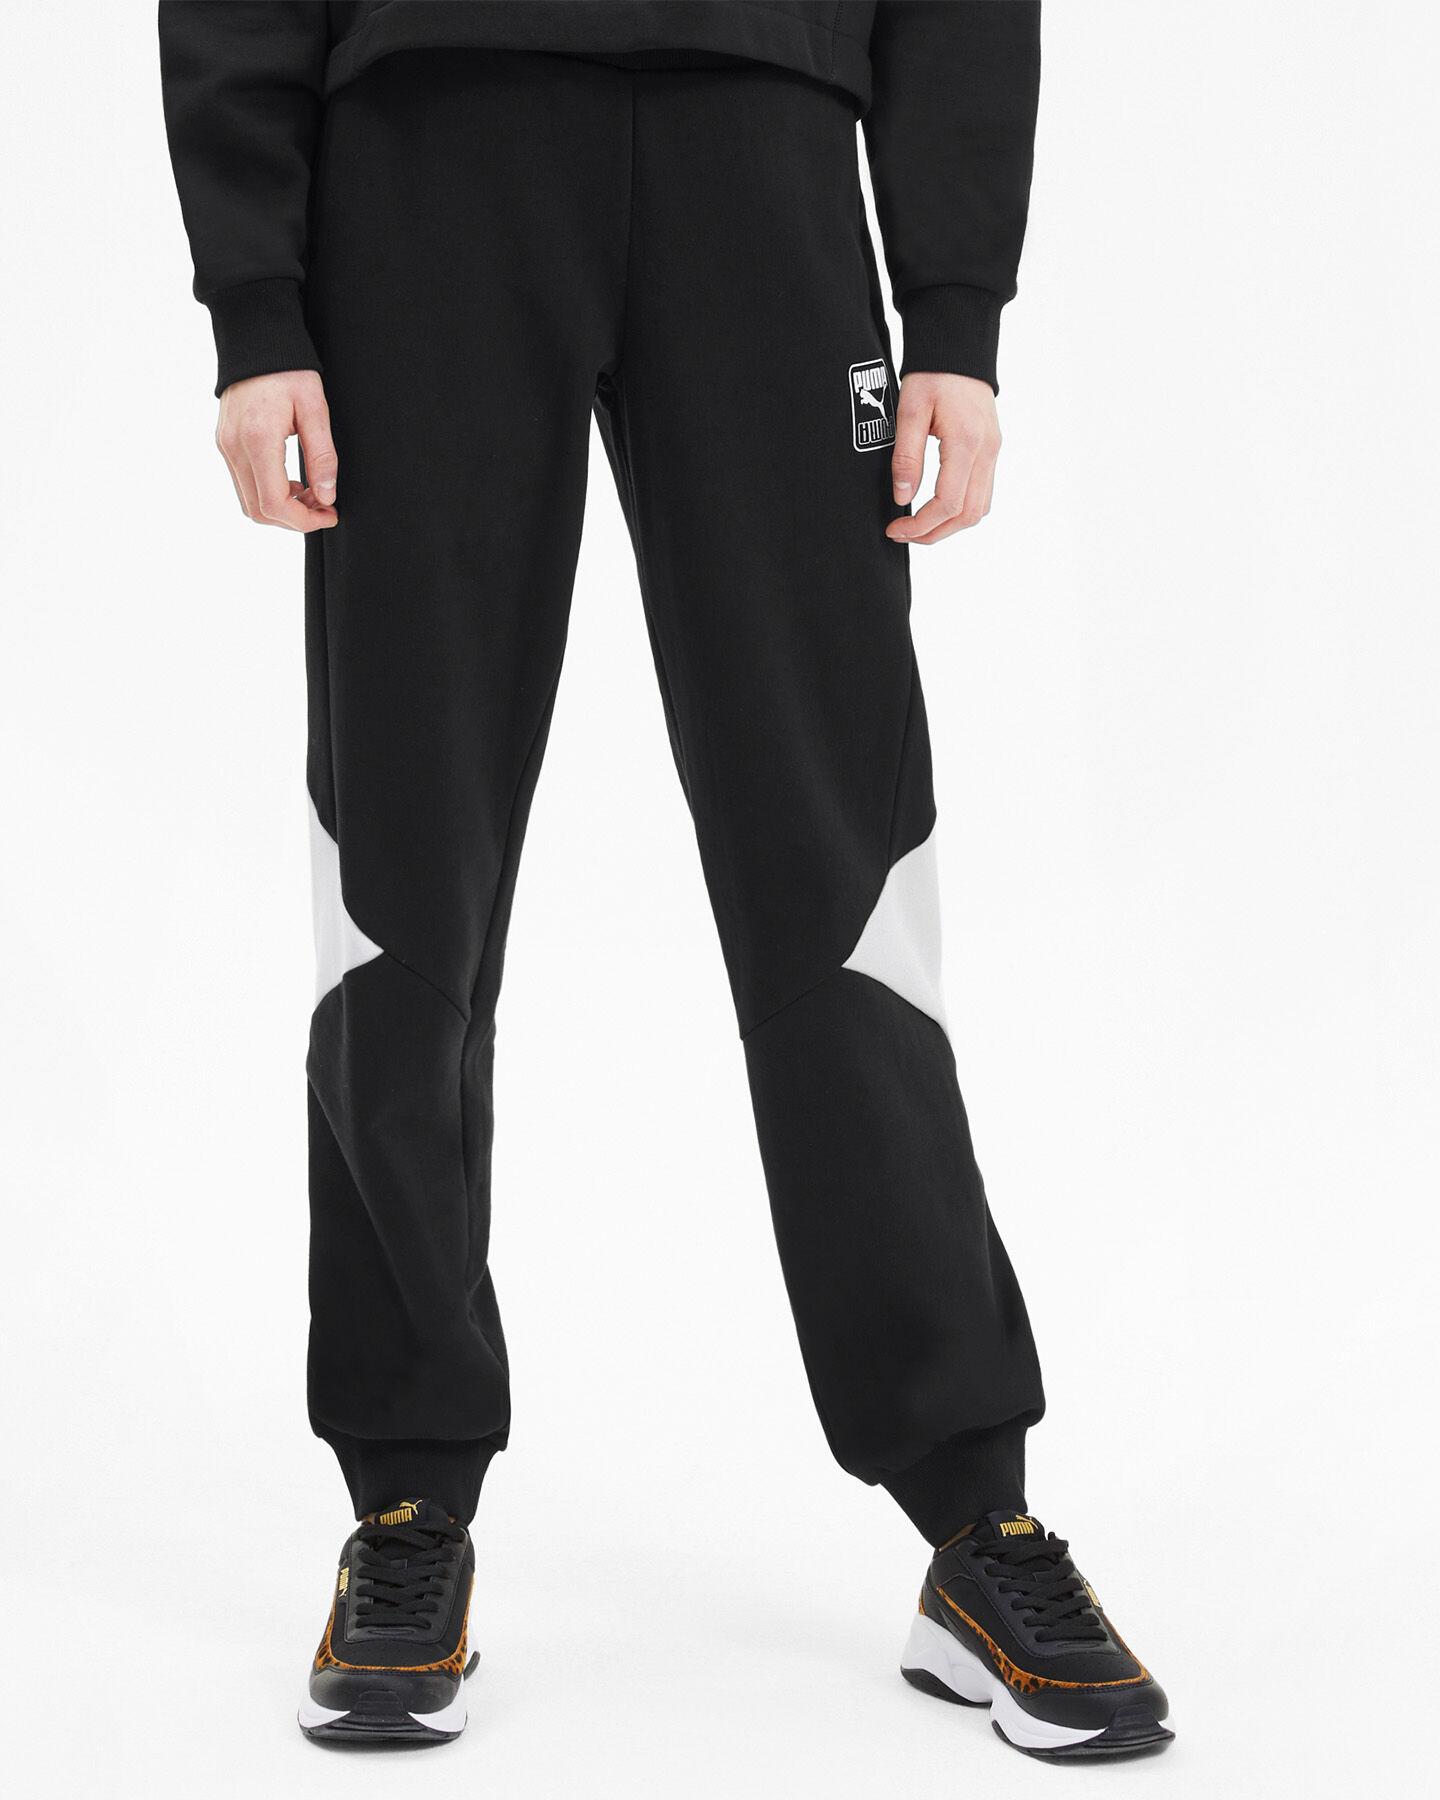 Pantalone PUMA FNG INSERT W S5235275 scatto 2